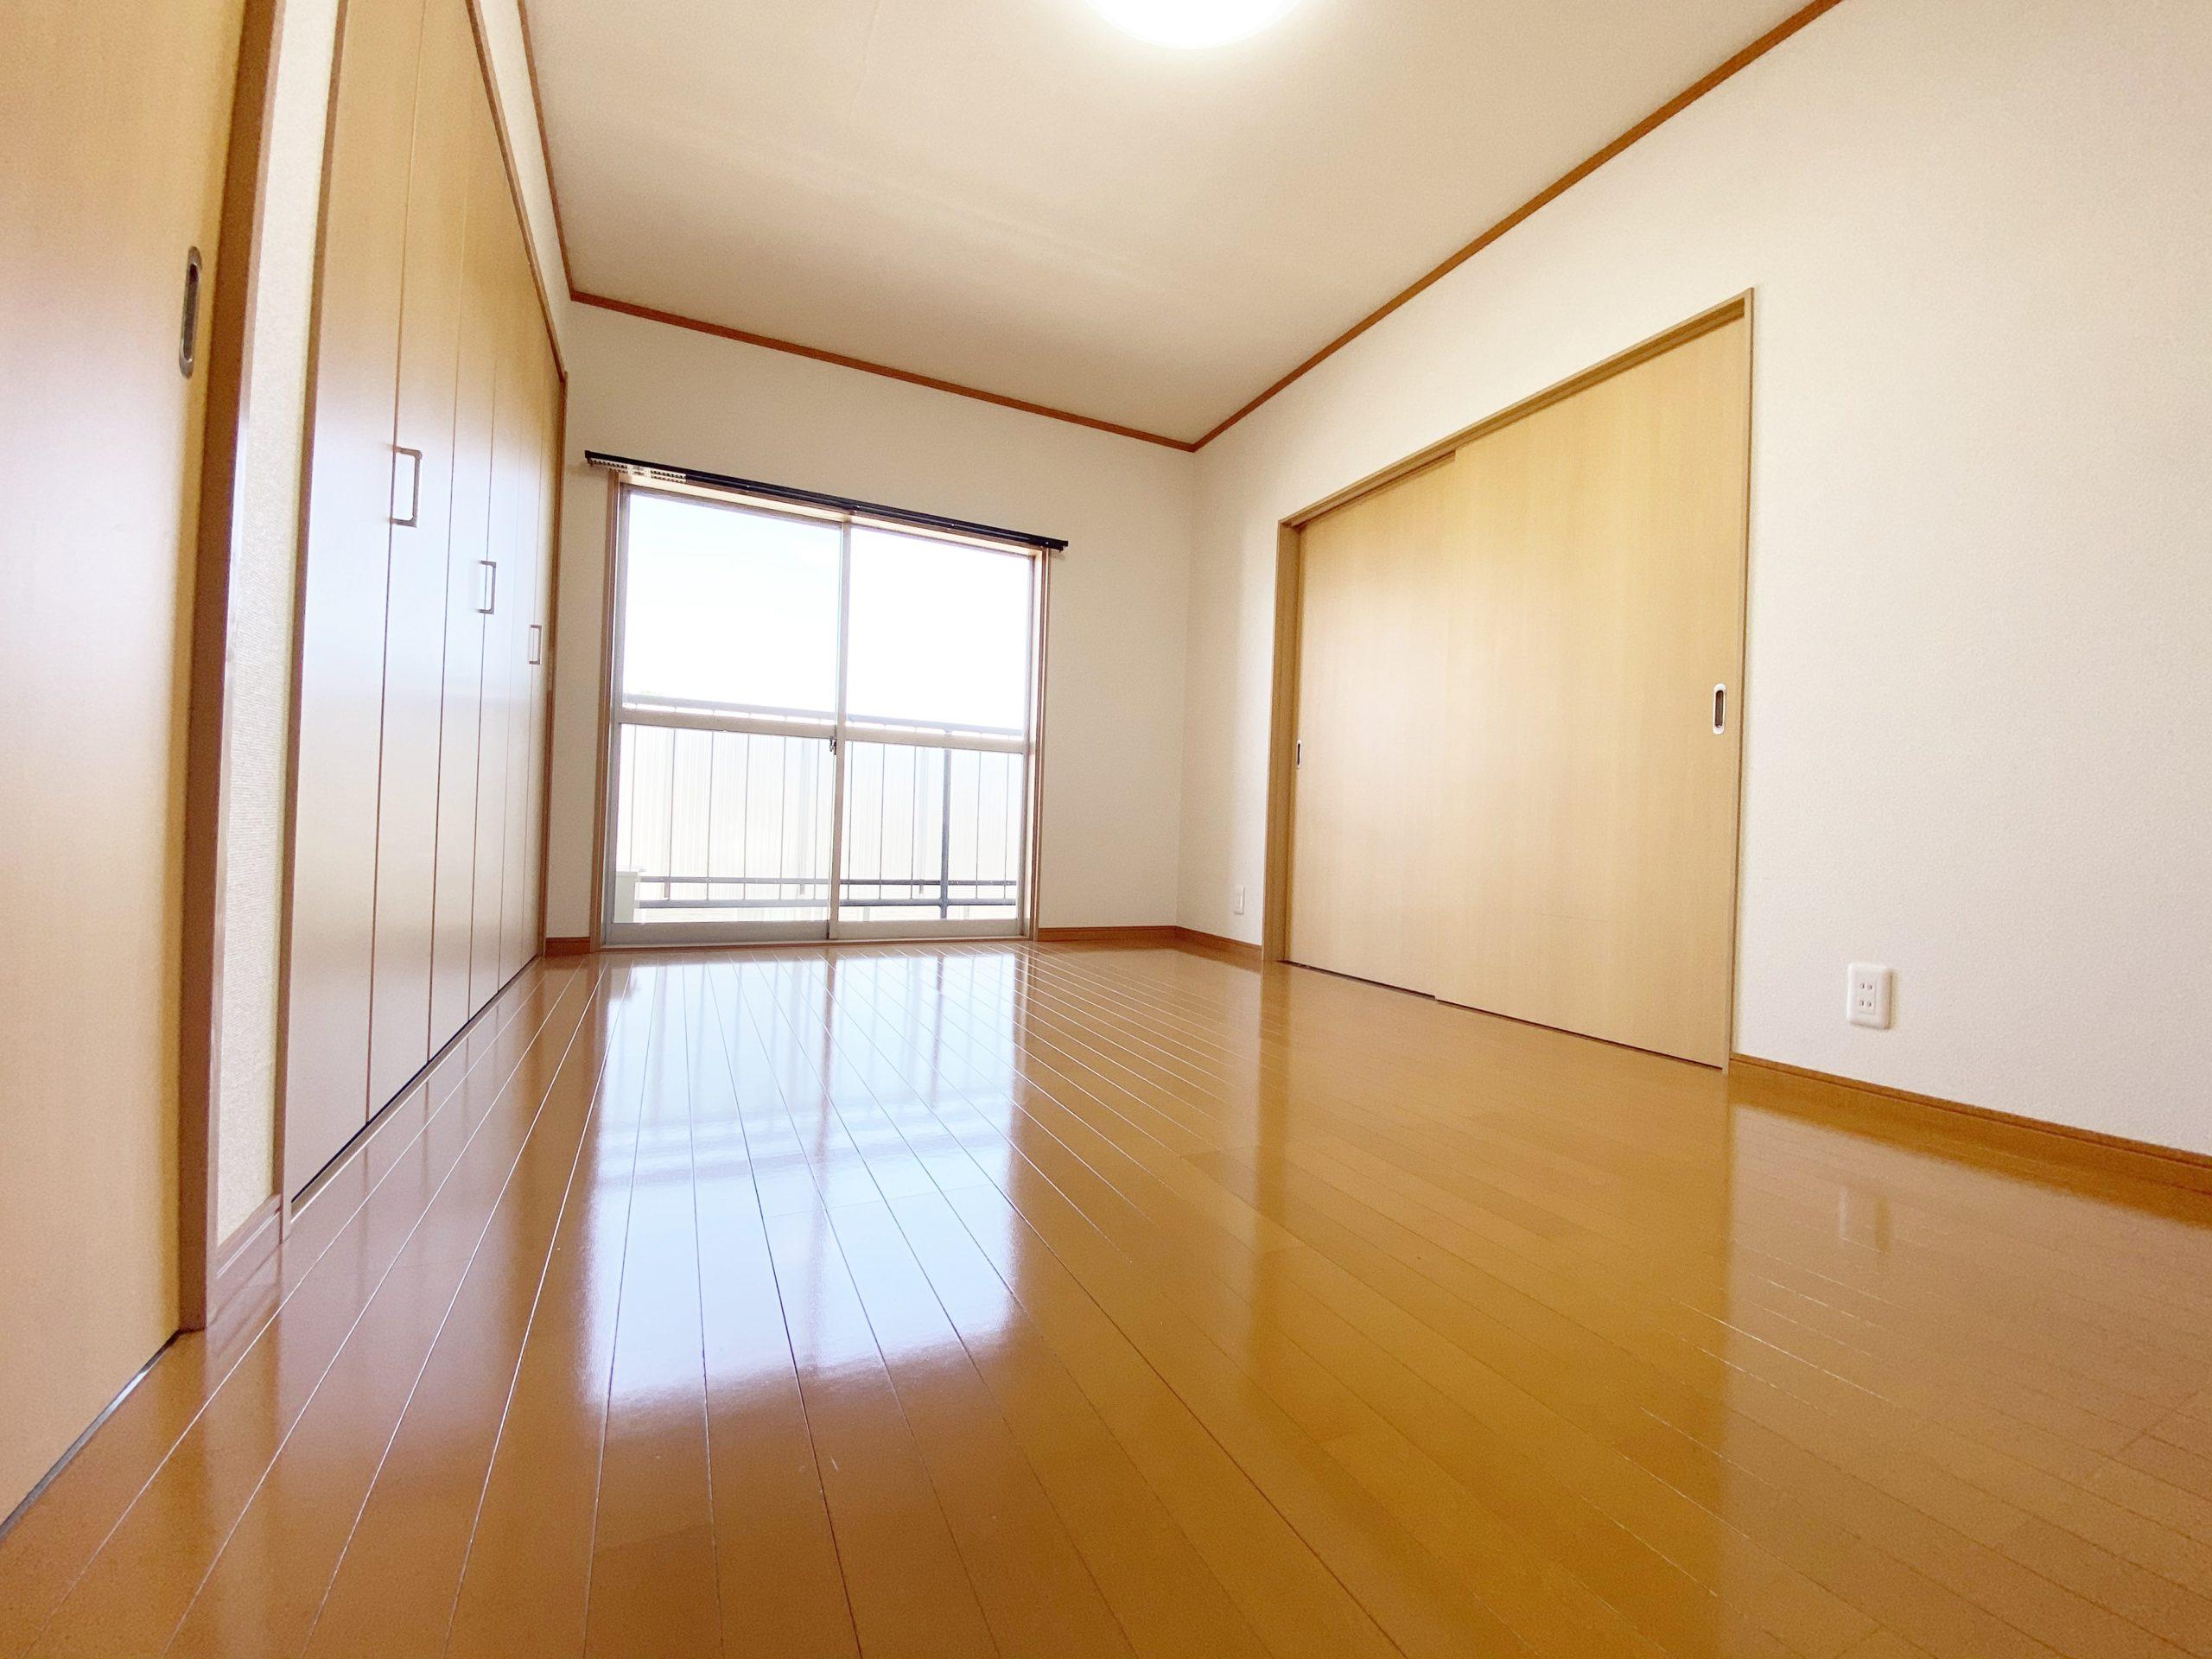 大泉ハイツ 3階